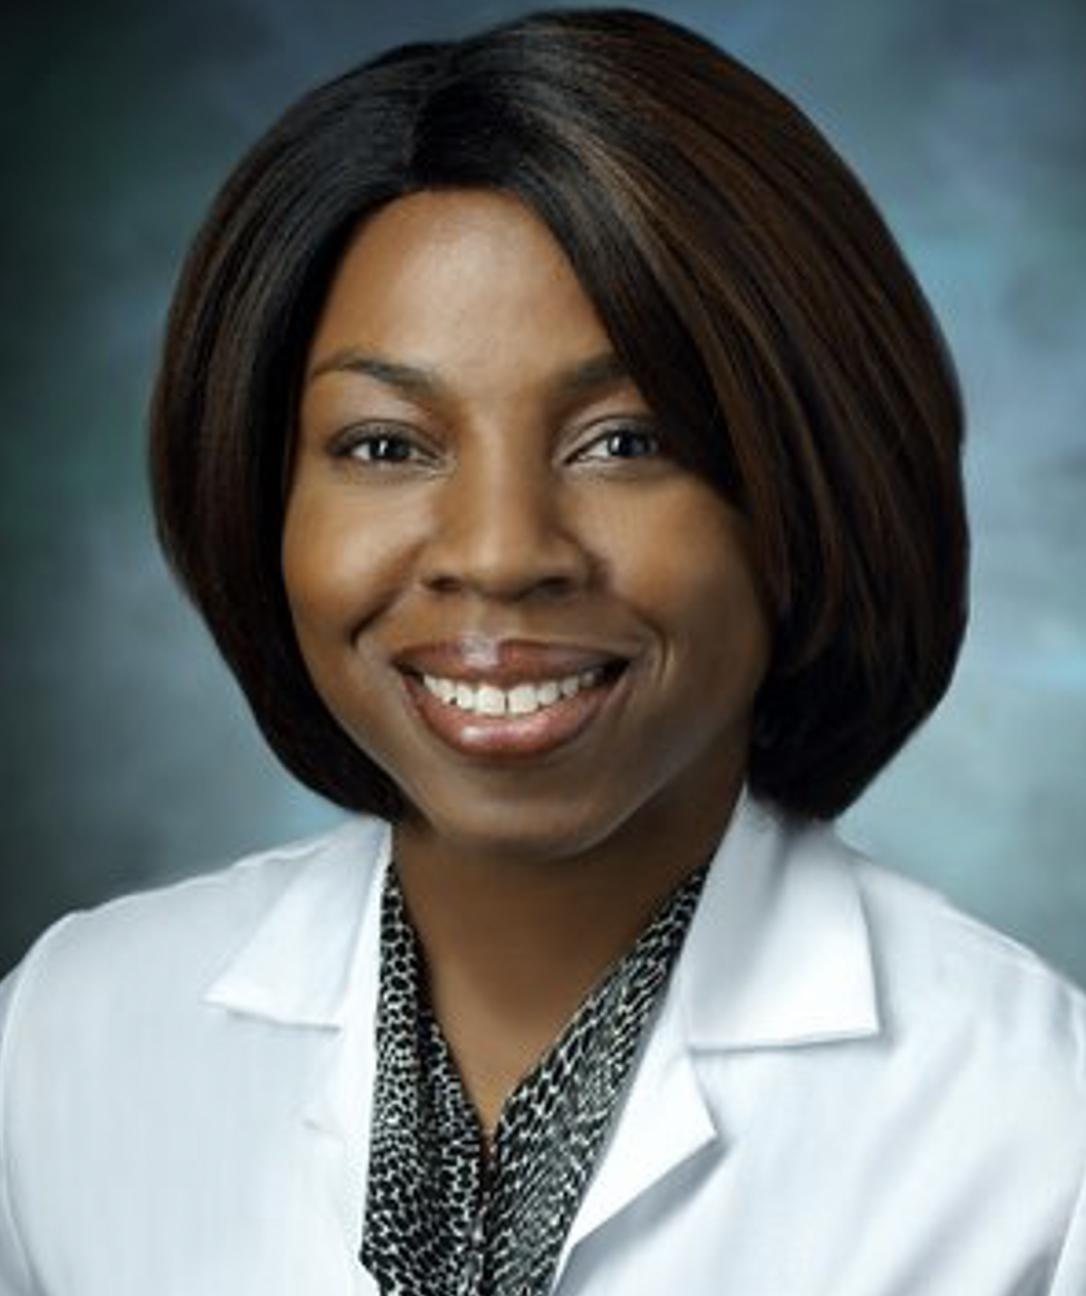 Shari Lawson, MD